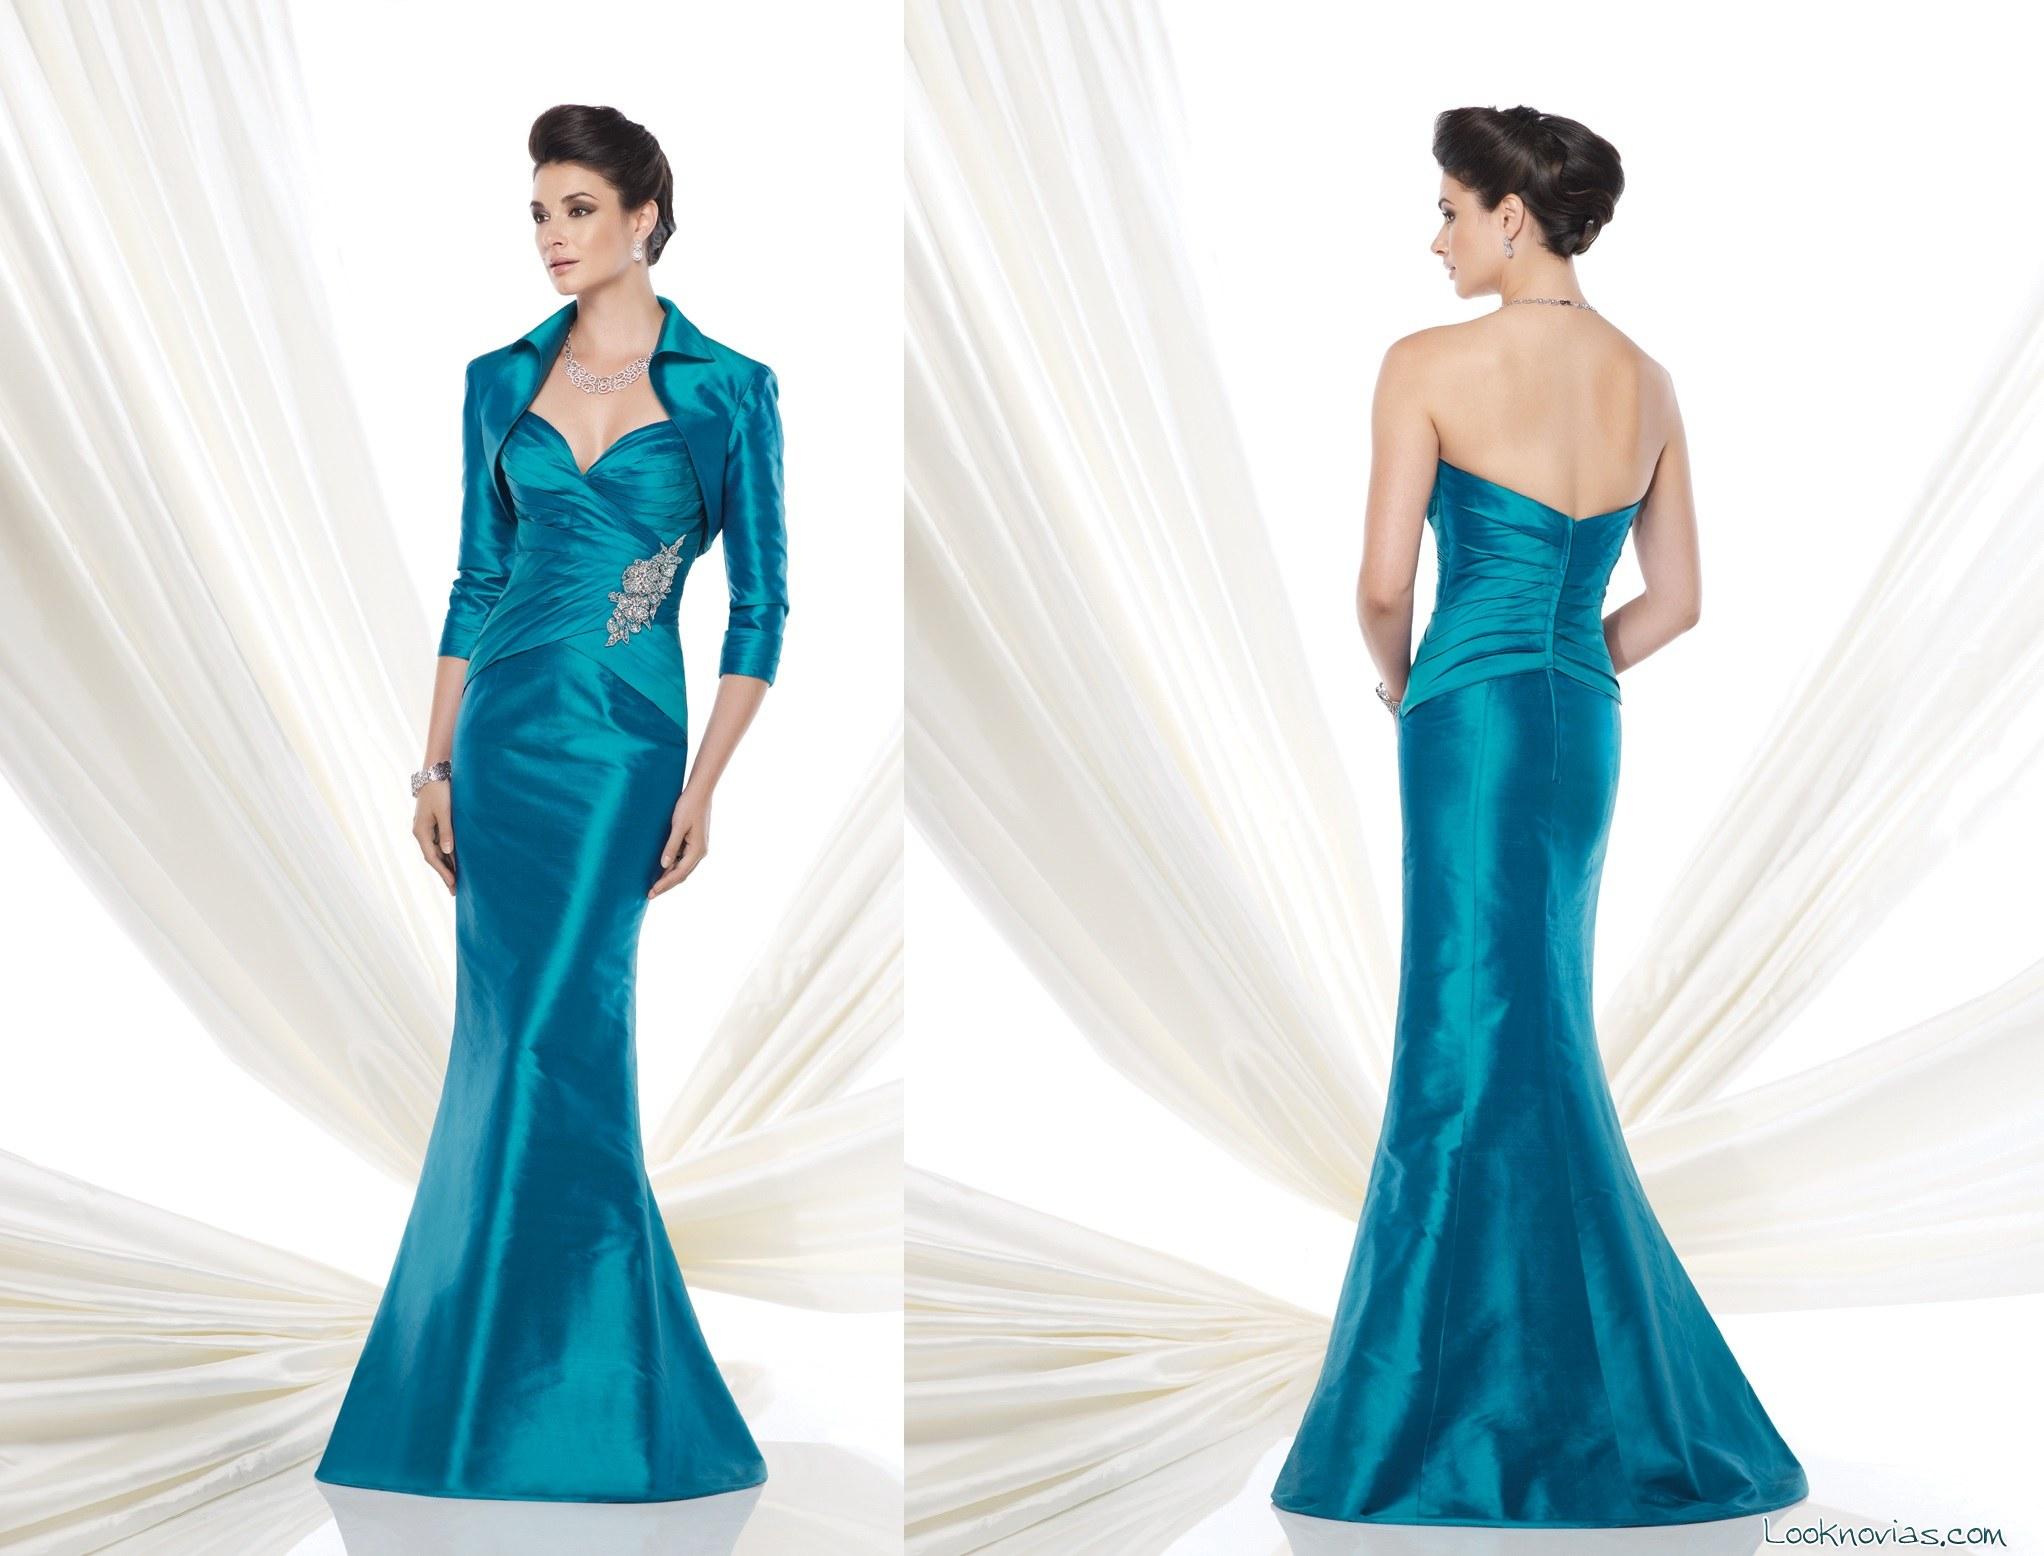 Vestidos elegantes para madrinas de boda – Vestidos de noche ...